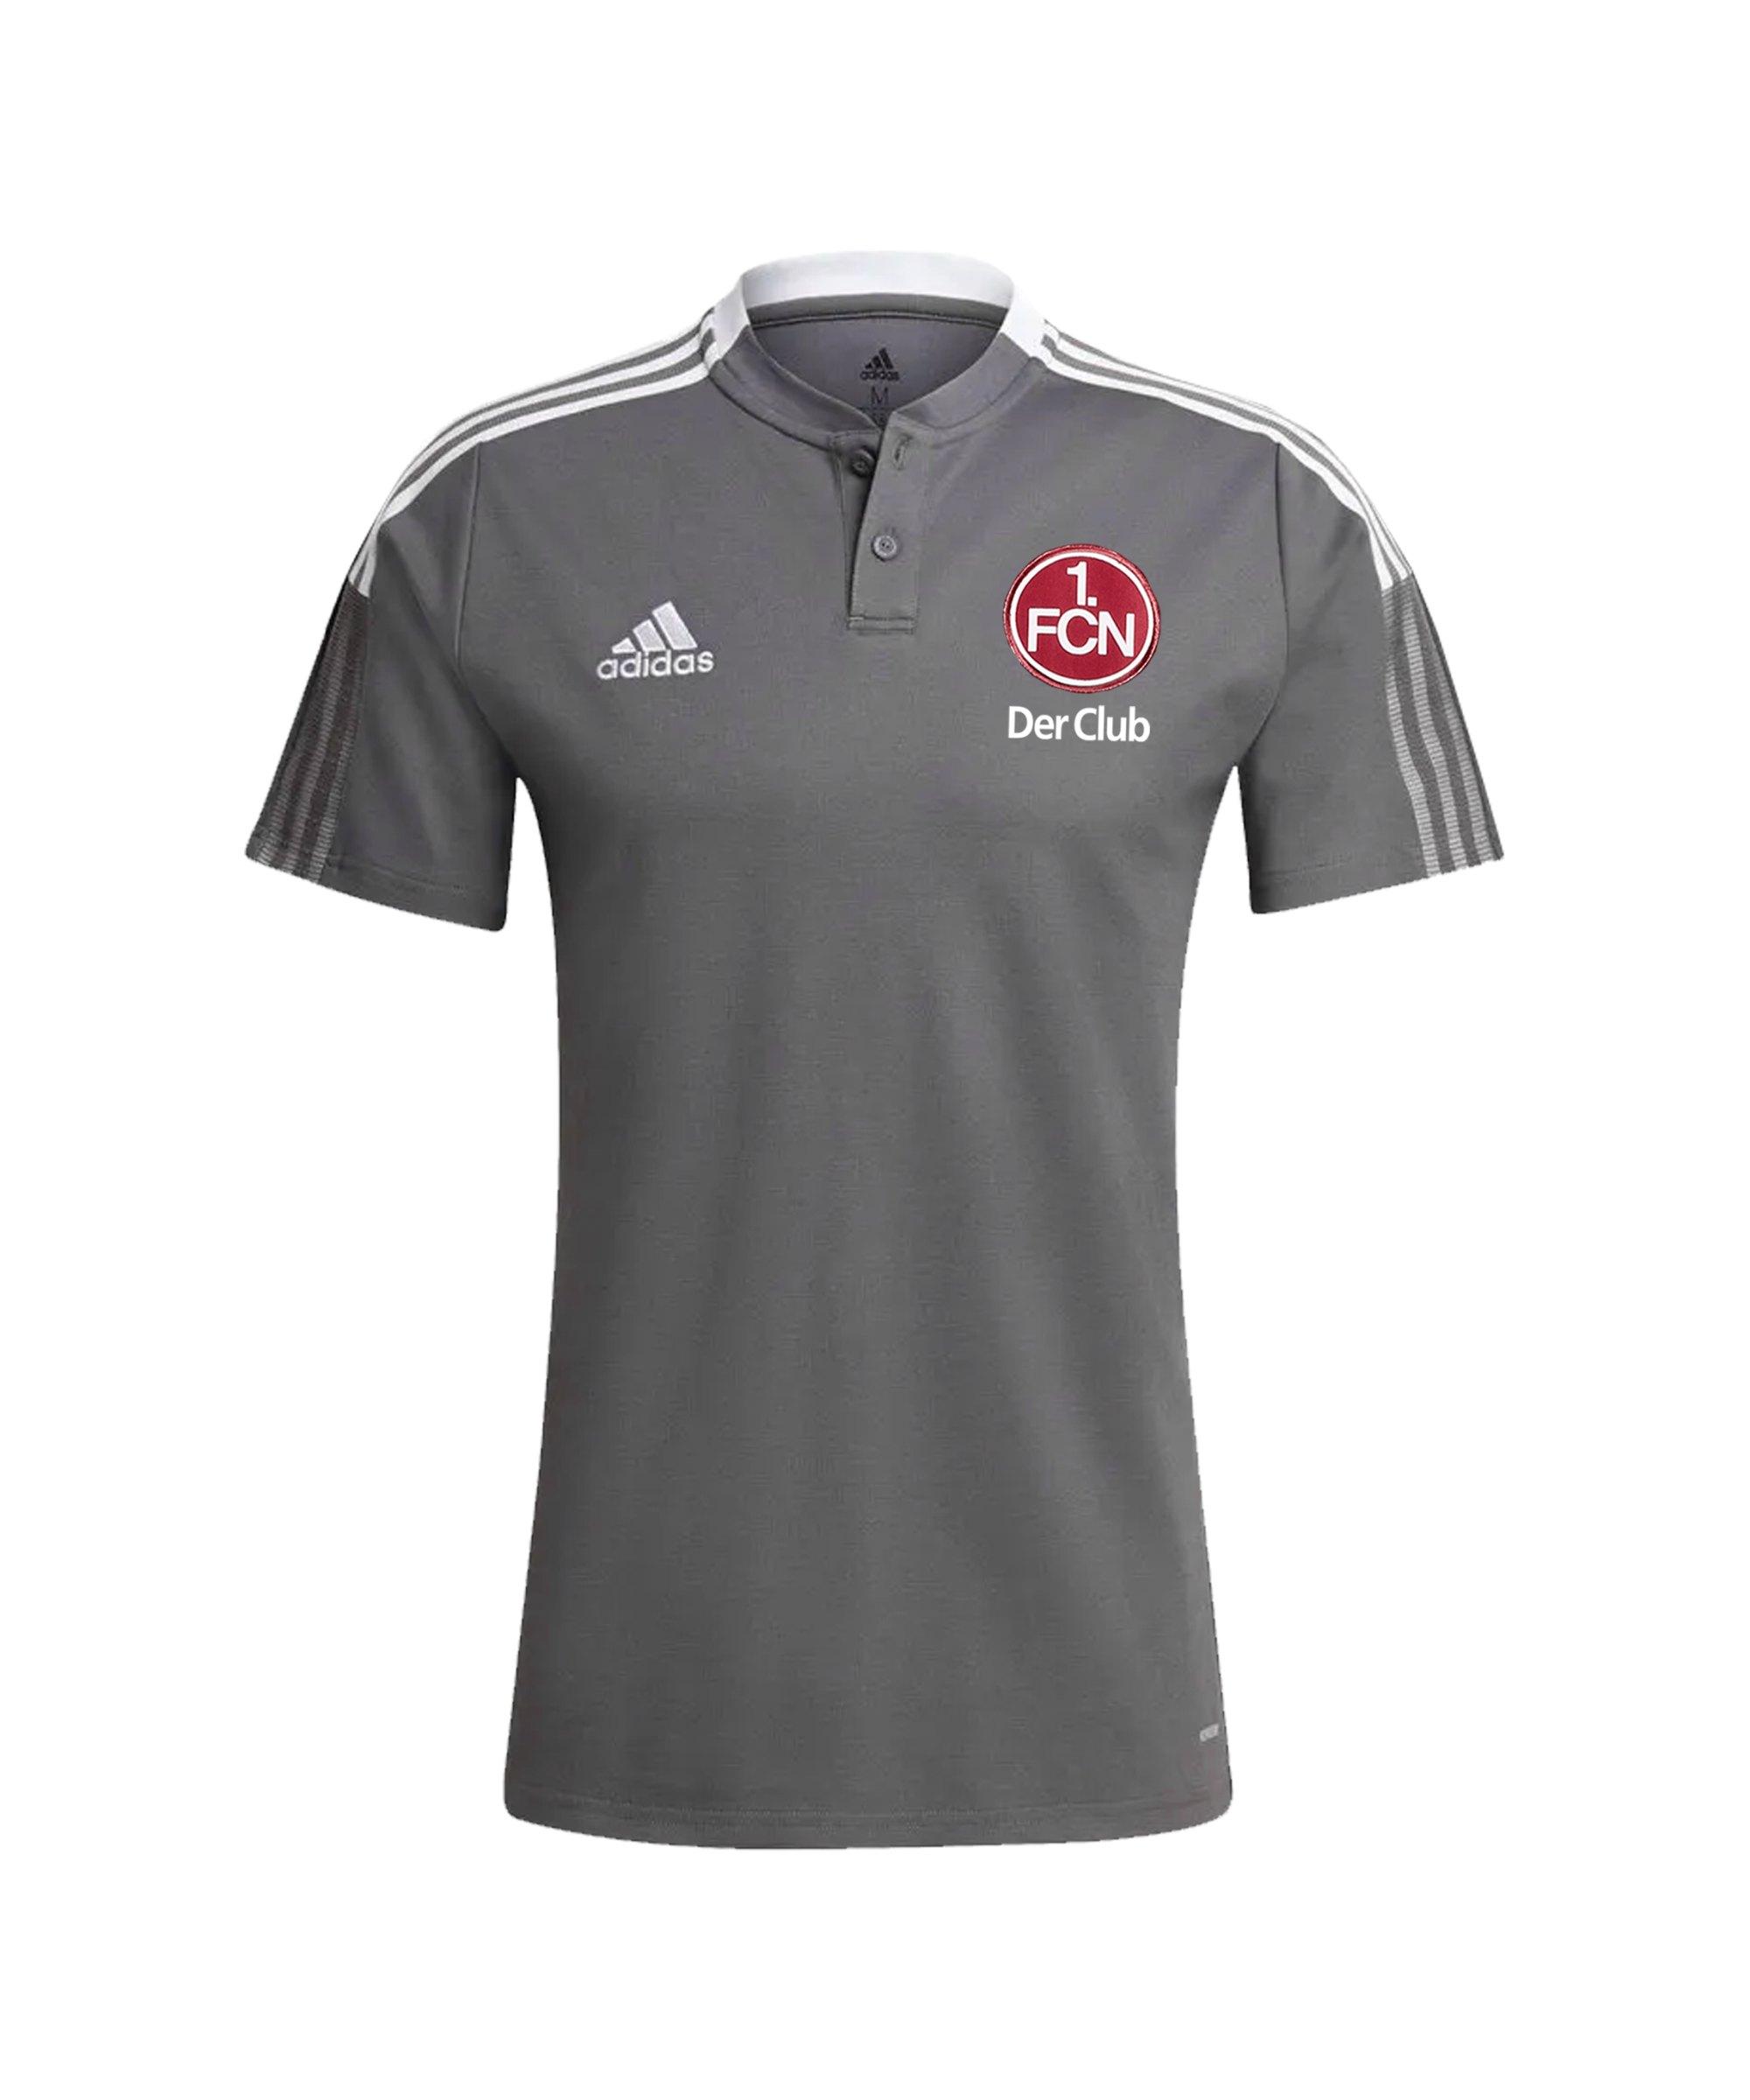 adidas 1. FC Nürnberg Polo Grau - grau